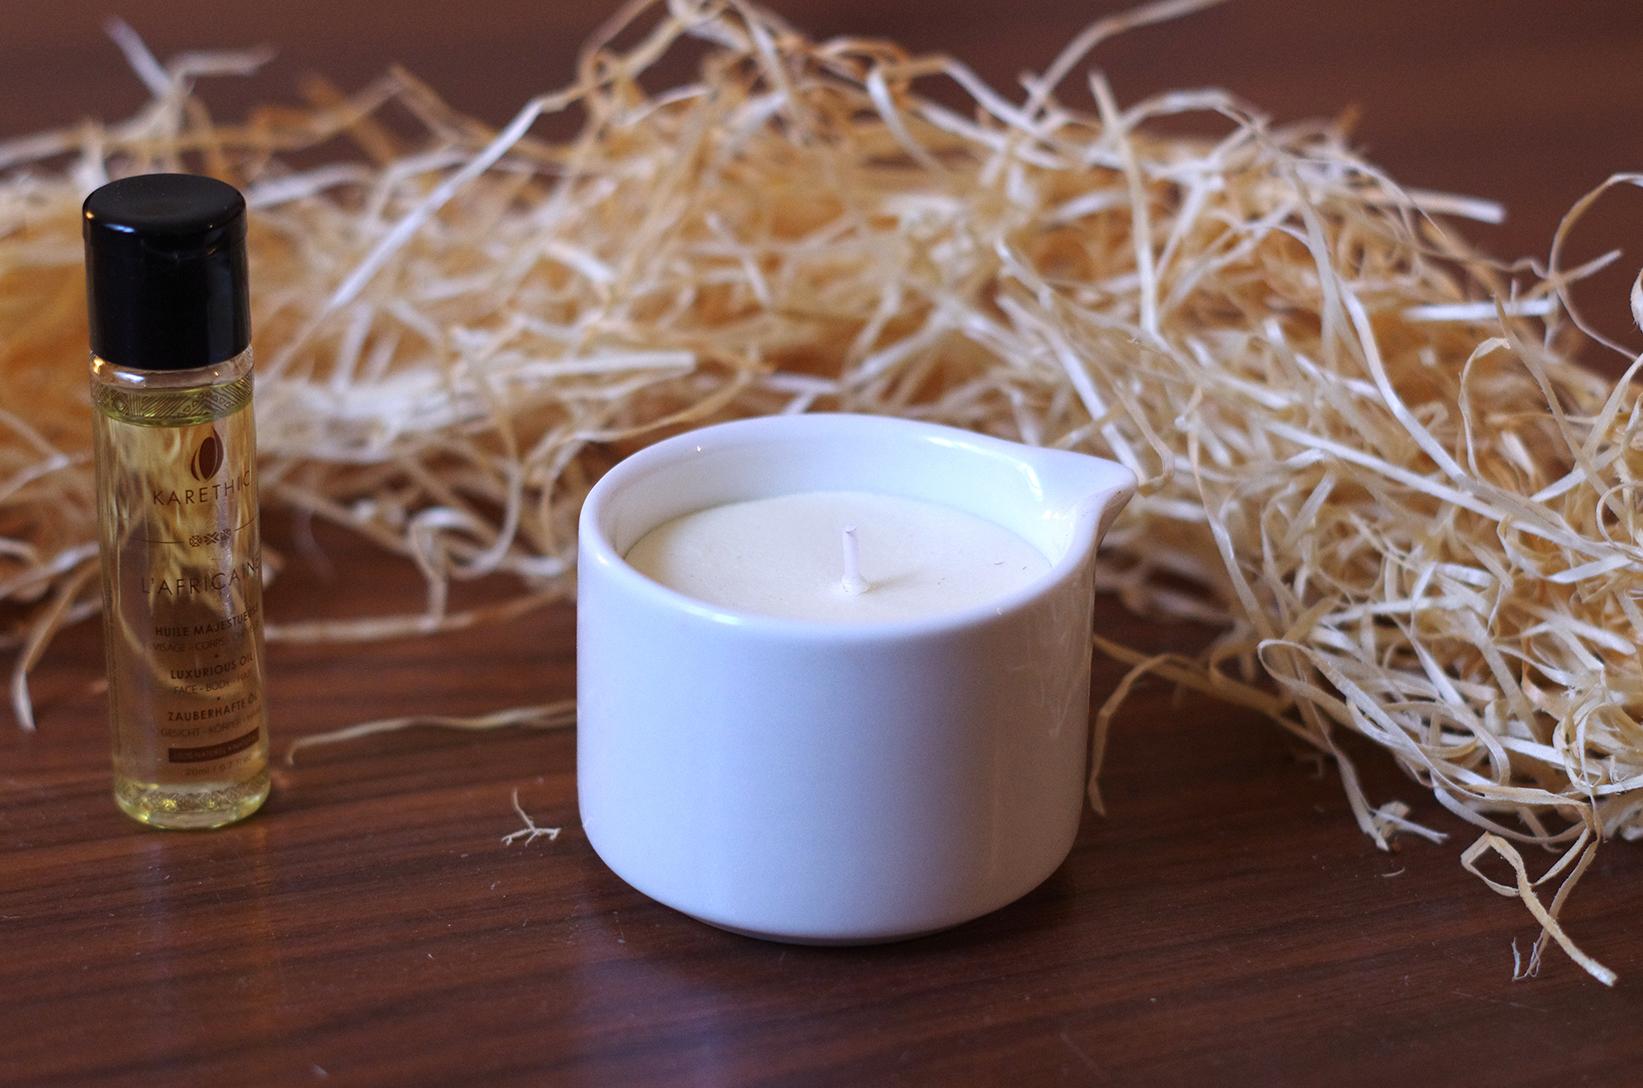 la bougie de massage karethic naturelle bio thique mon quotidien autrement. Black Bedroom Furniture Sets. Home Design Ideas